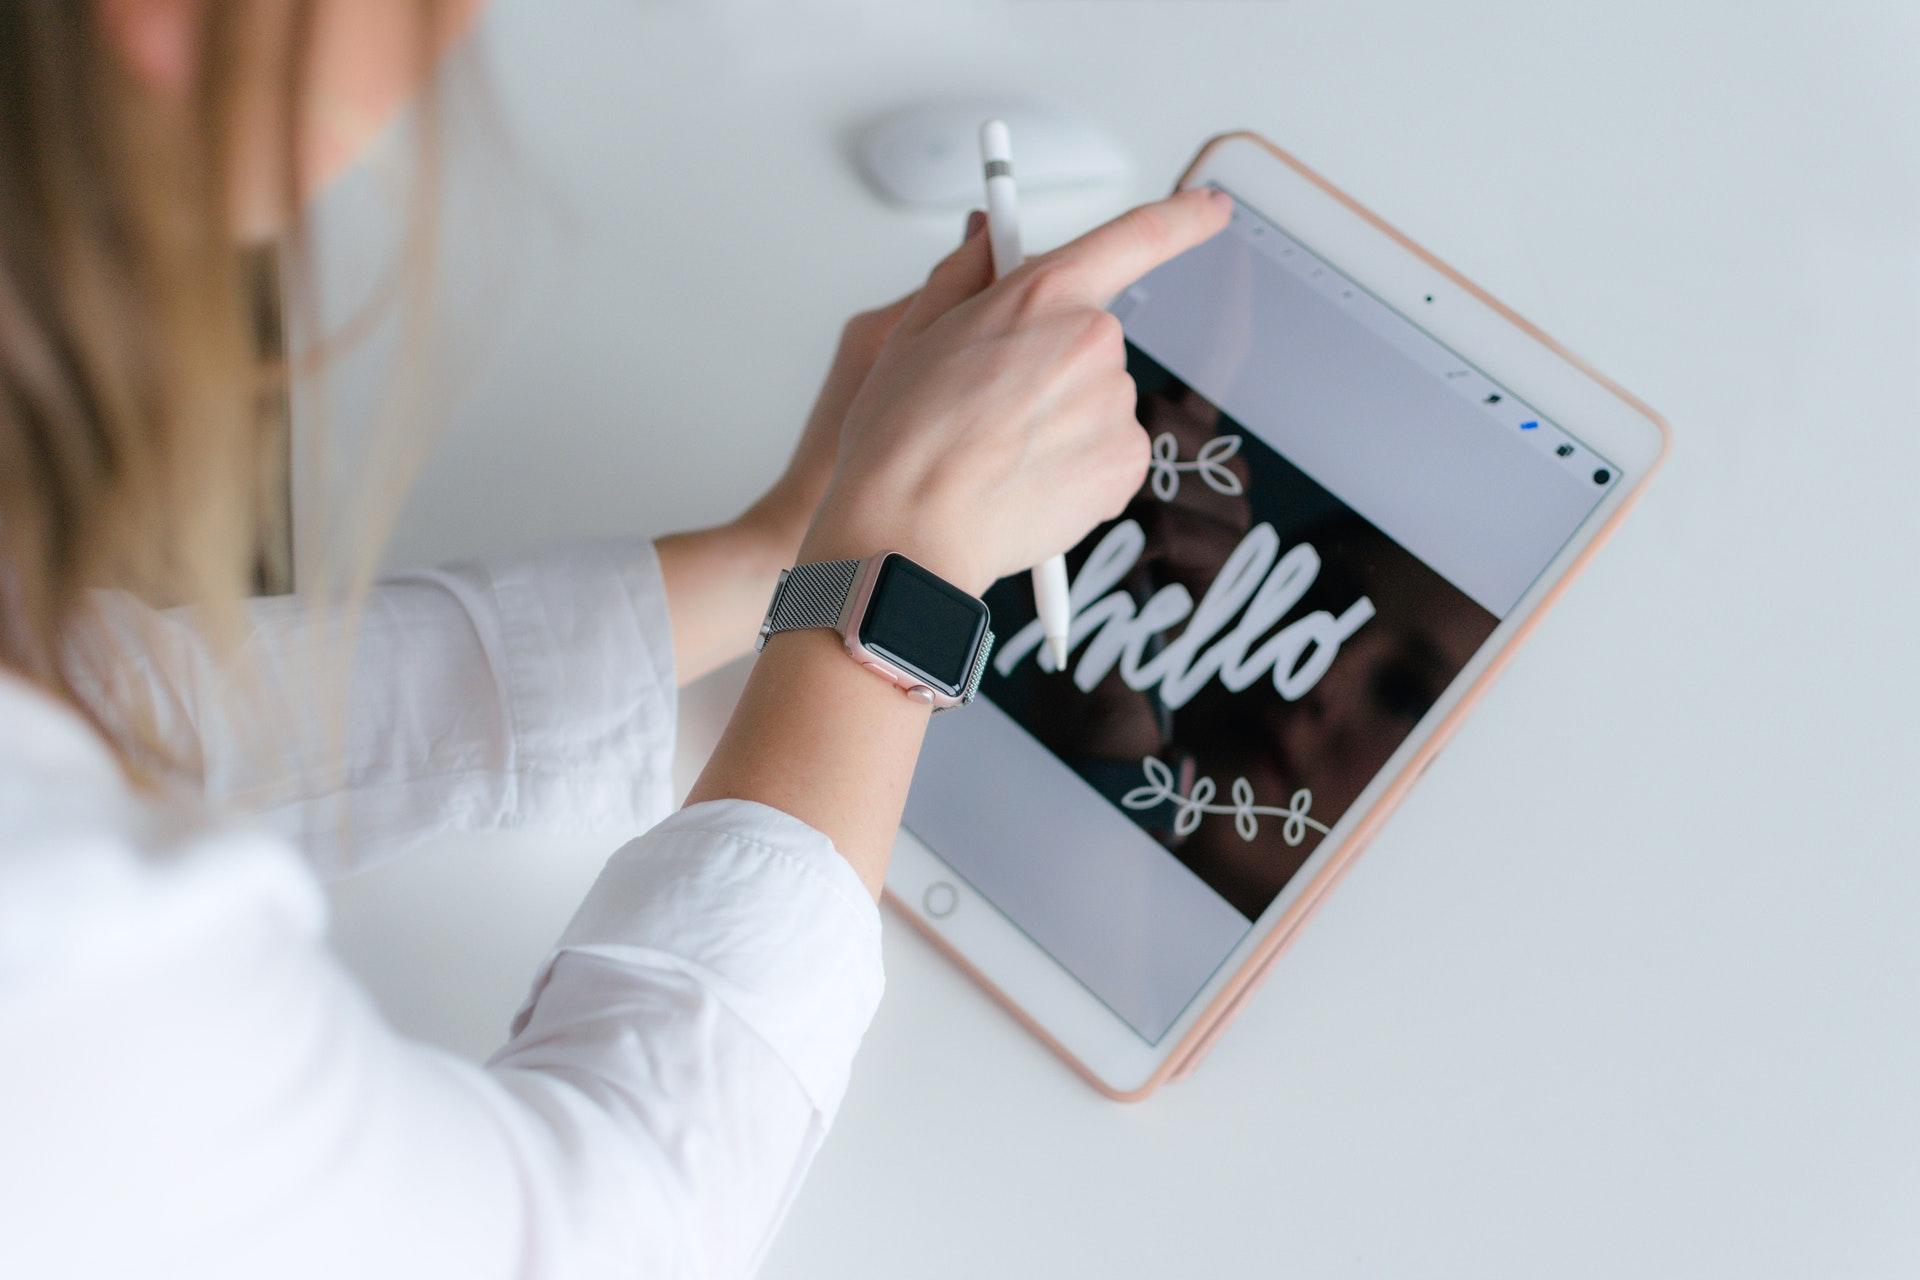 iPadで画像編集している画像